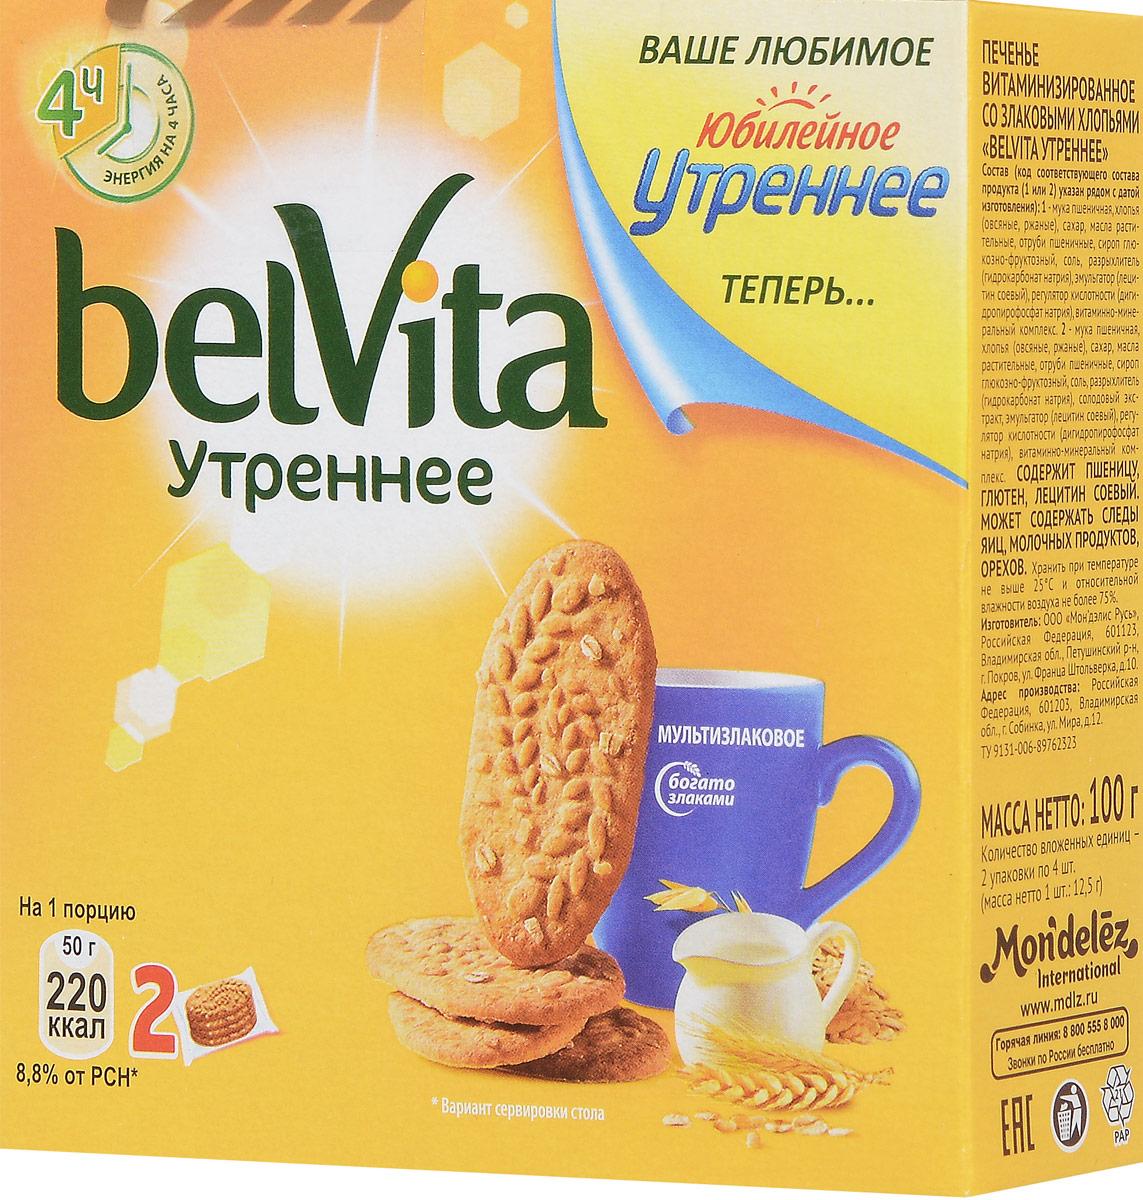 Юбилейное Печенье со злаковыми хлопьями BelVita Утреннее, 100 г4001795Печенье со злаковыми хлопьями Юбилейное BelVita Утреннее - очень вкусное, хрустящее печенье, приготовленное специально для завтрака из отборных злаков. Благодаря особой технологии выпекания в этот печенье сохраняются медленные углеводы, которые усваиваются в течение 4 часов. Уважаемые клиенты! Обращаем ваше внимание, что полный перечень состава продукта представлен на дополнительном изображении.